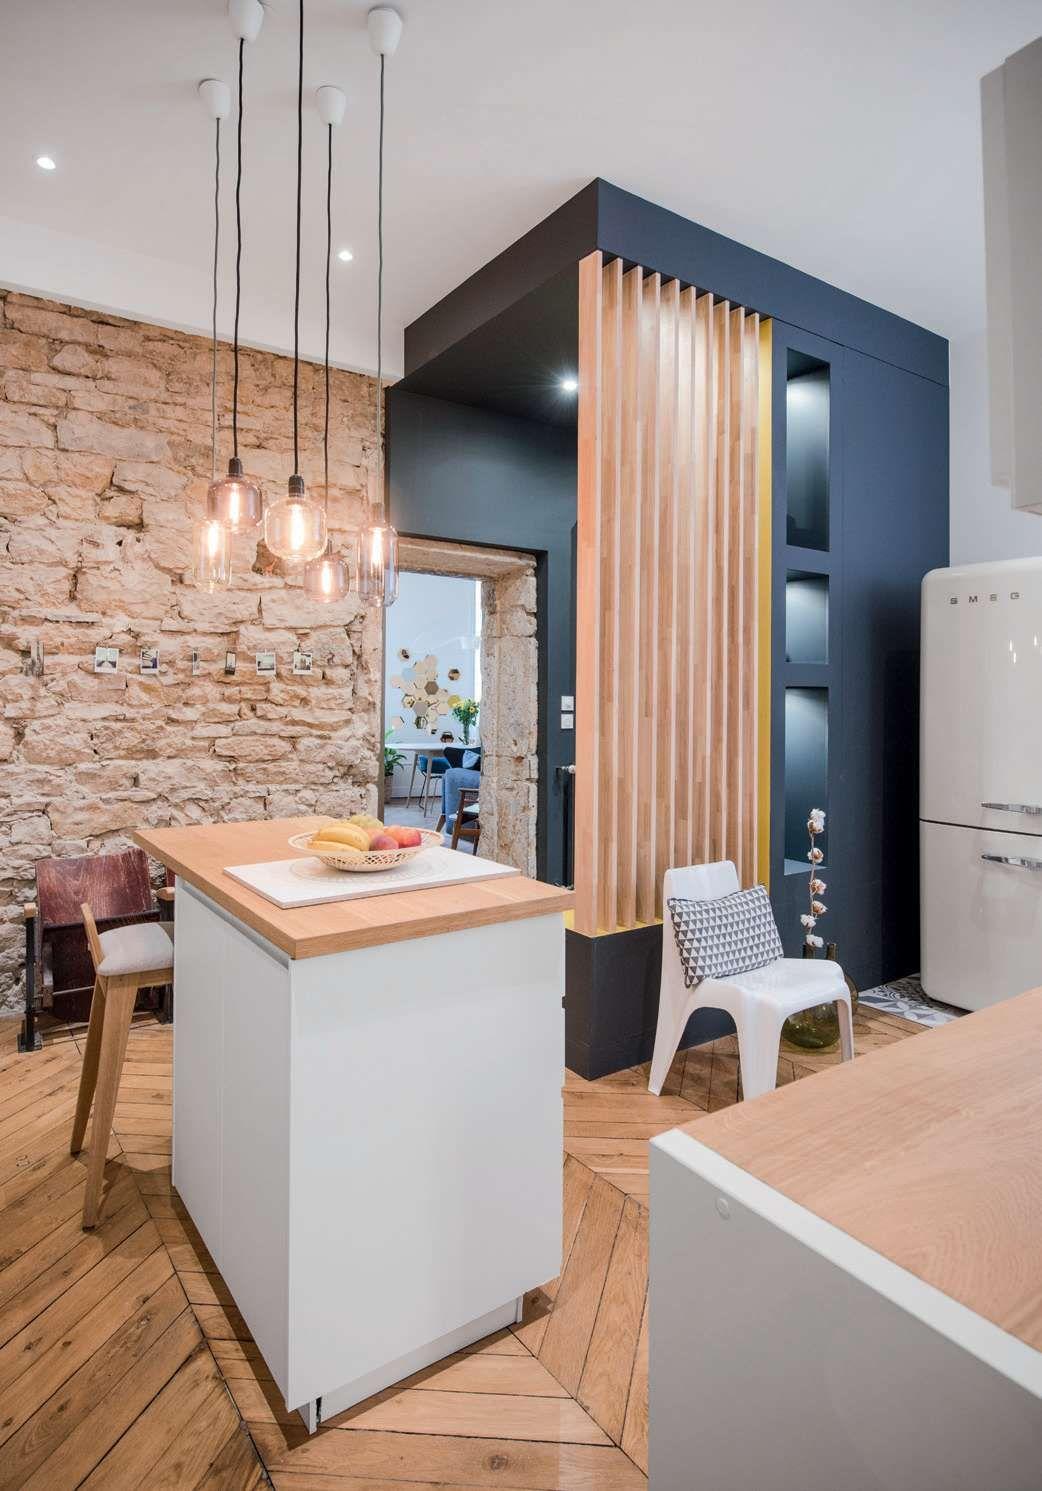 Architecte De L Intérieur aménagement d'un appartement lyonnais par l'architecte d